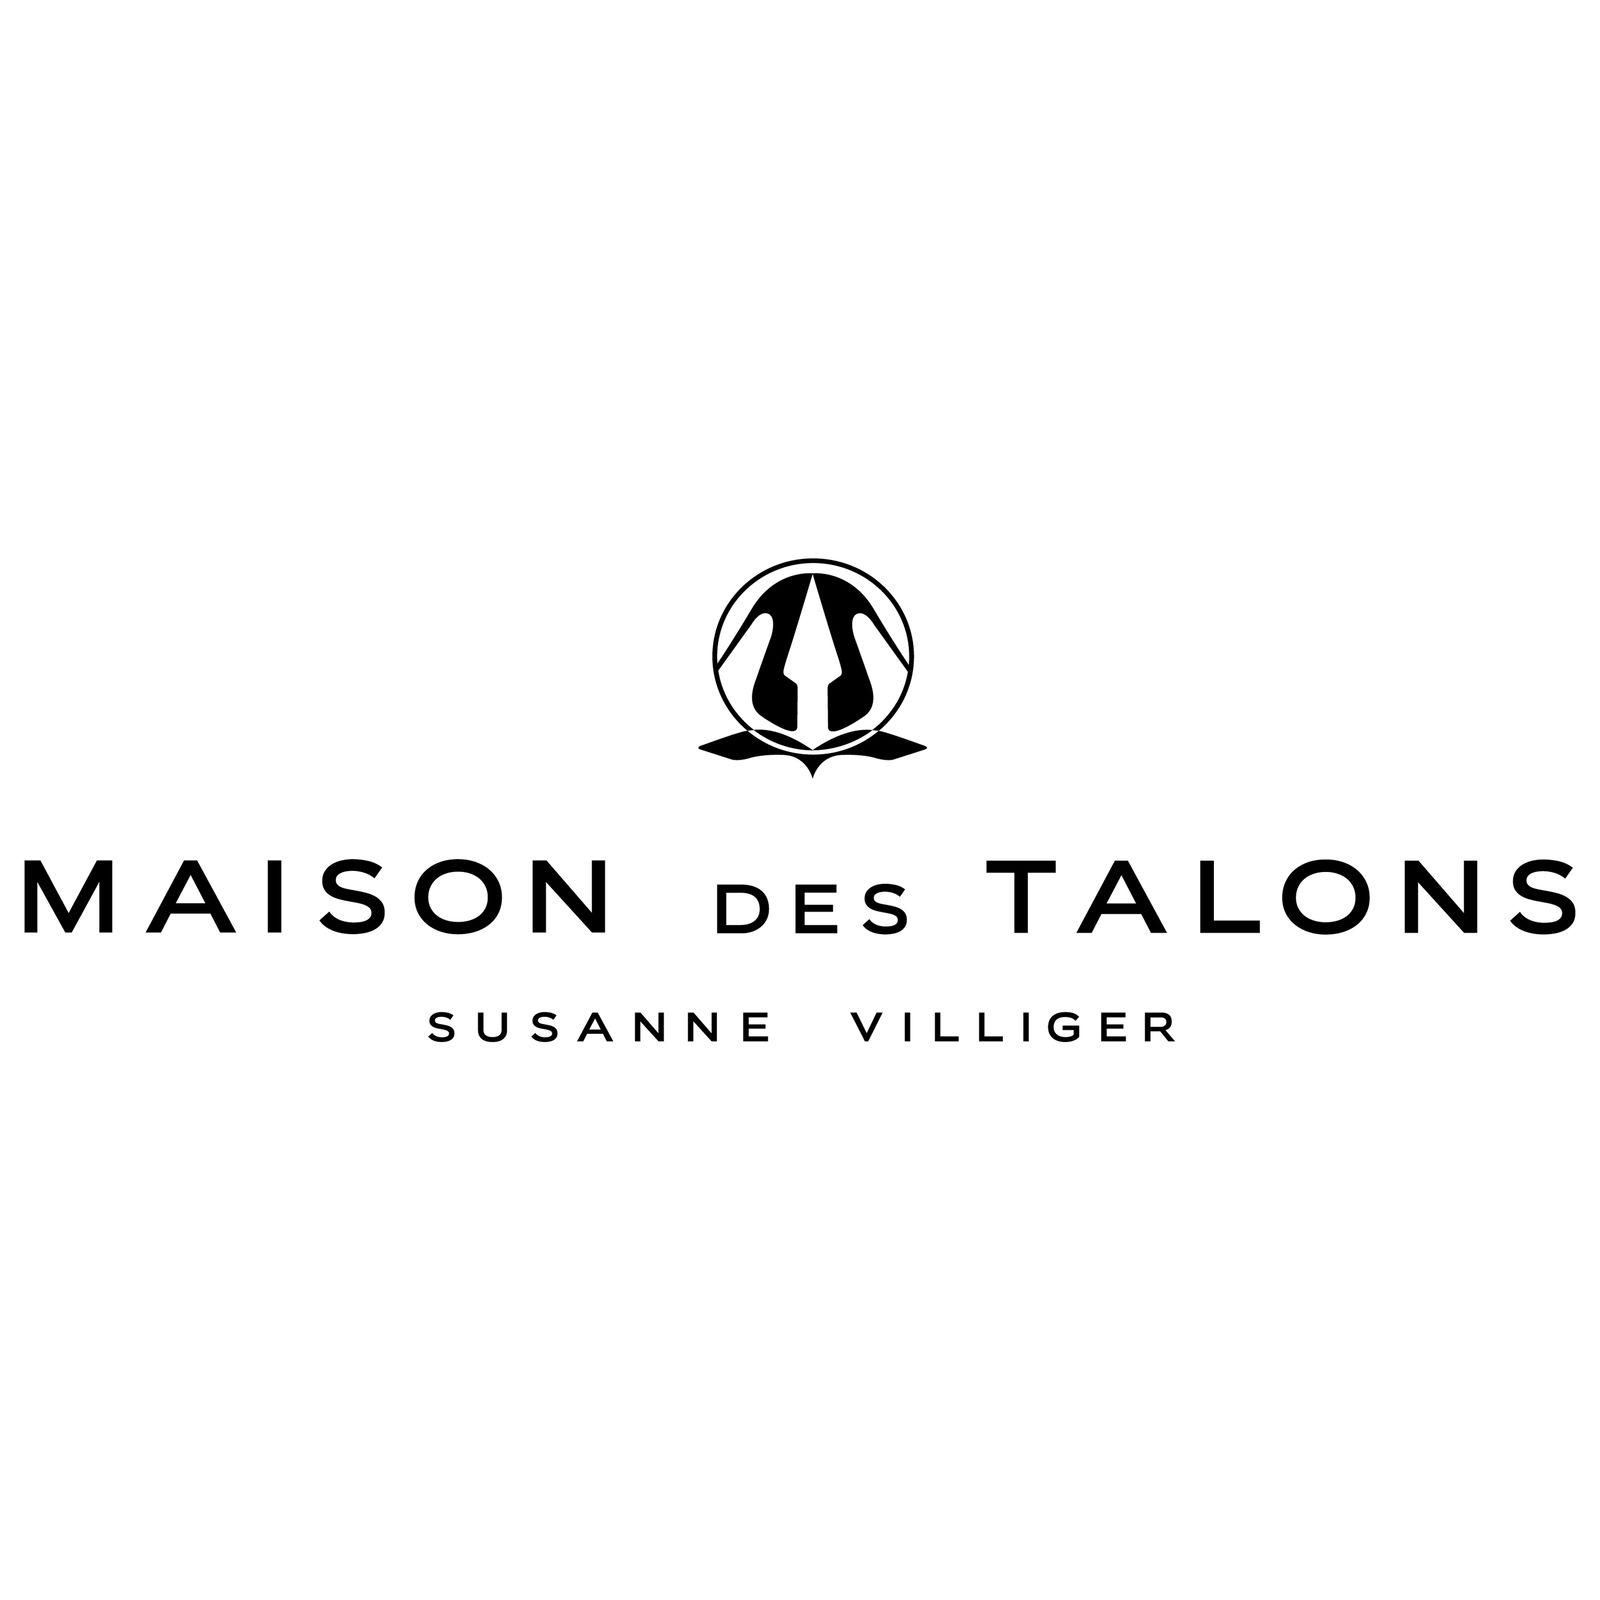 MAISON DES TALONS